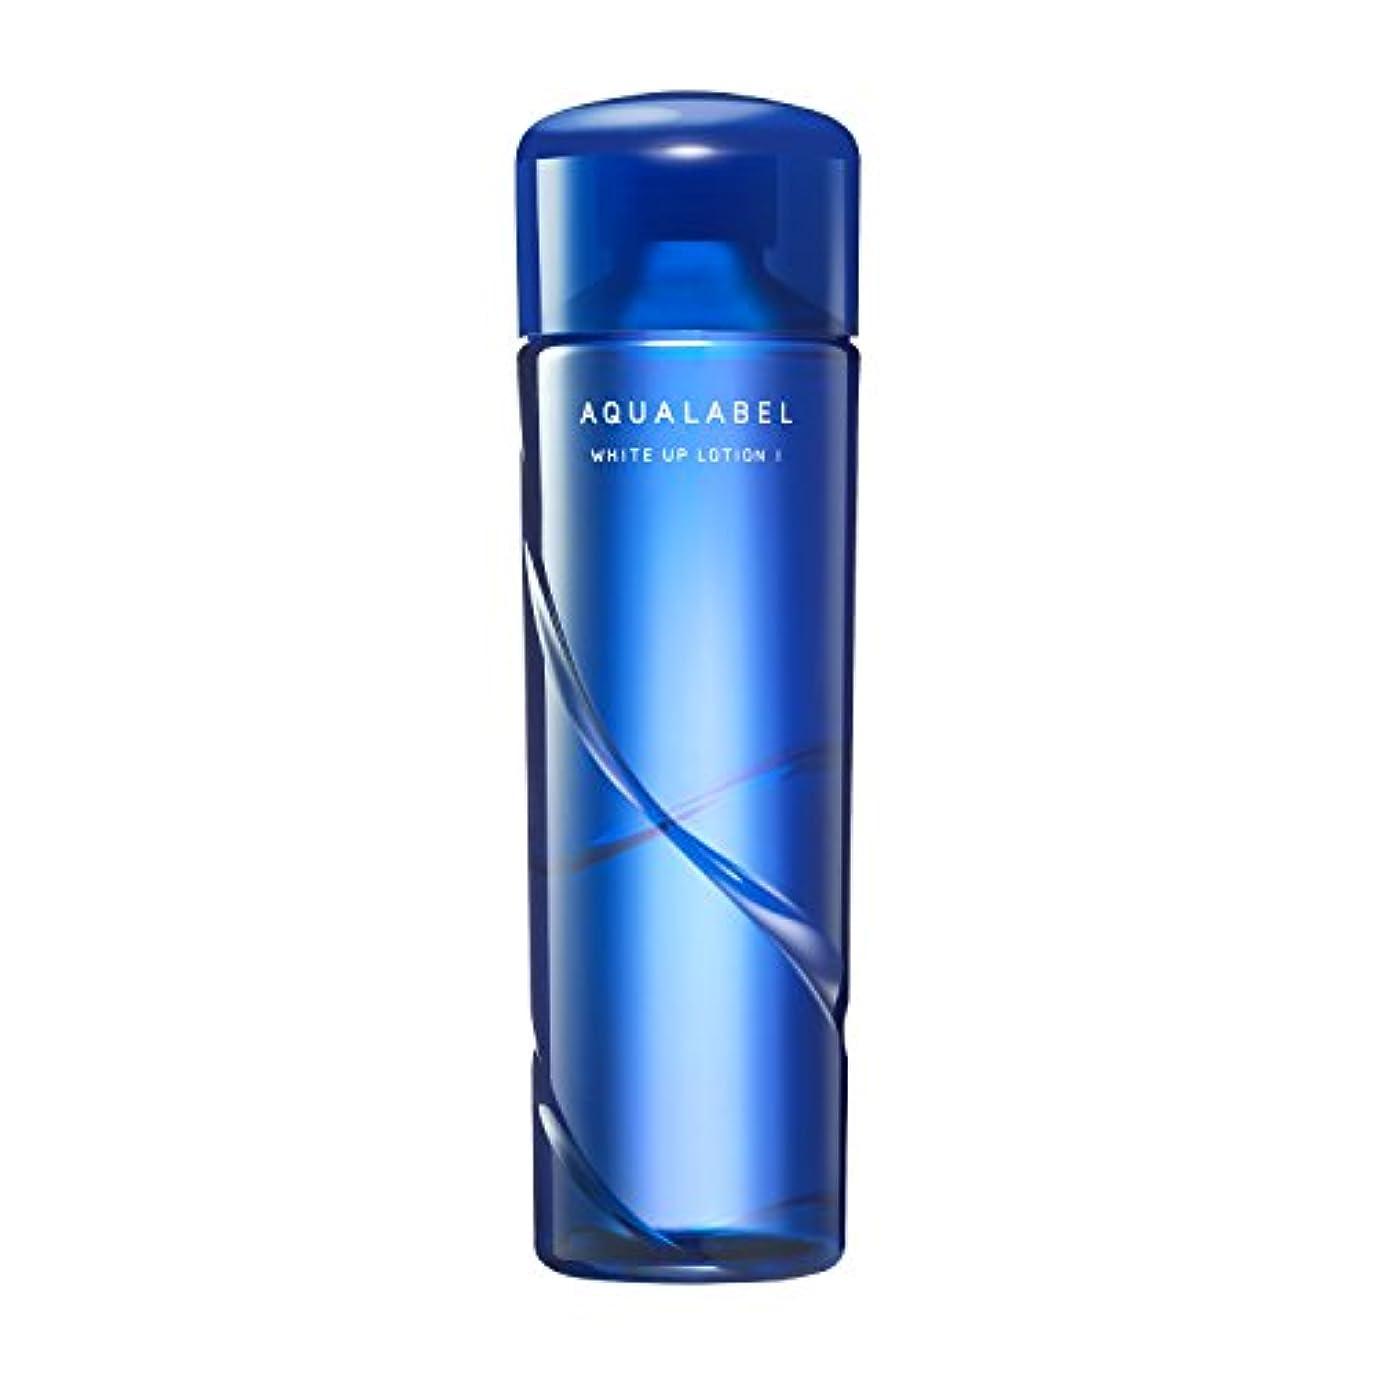 抵抗力があるマーケティングまっすぐにするアクアレーベル ホワイトアップ ローション 保湿・美白化粧水 (1) さっぱり 200mL 【医薬部外品】